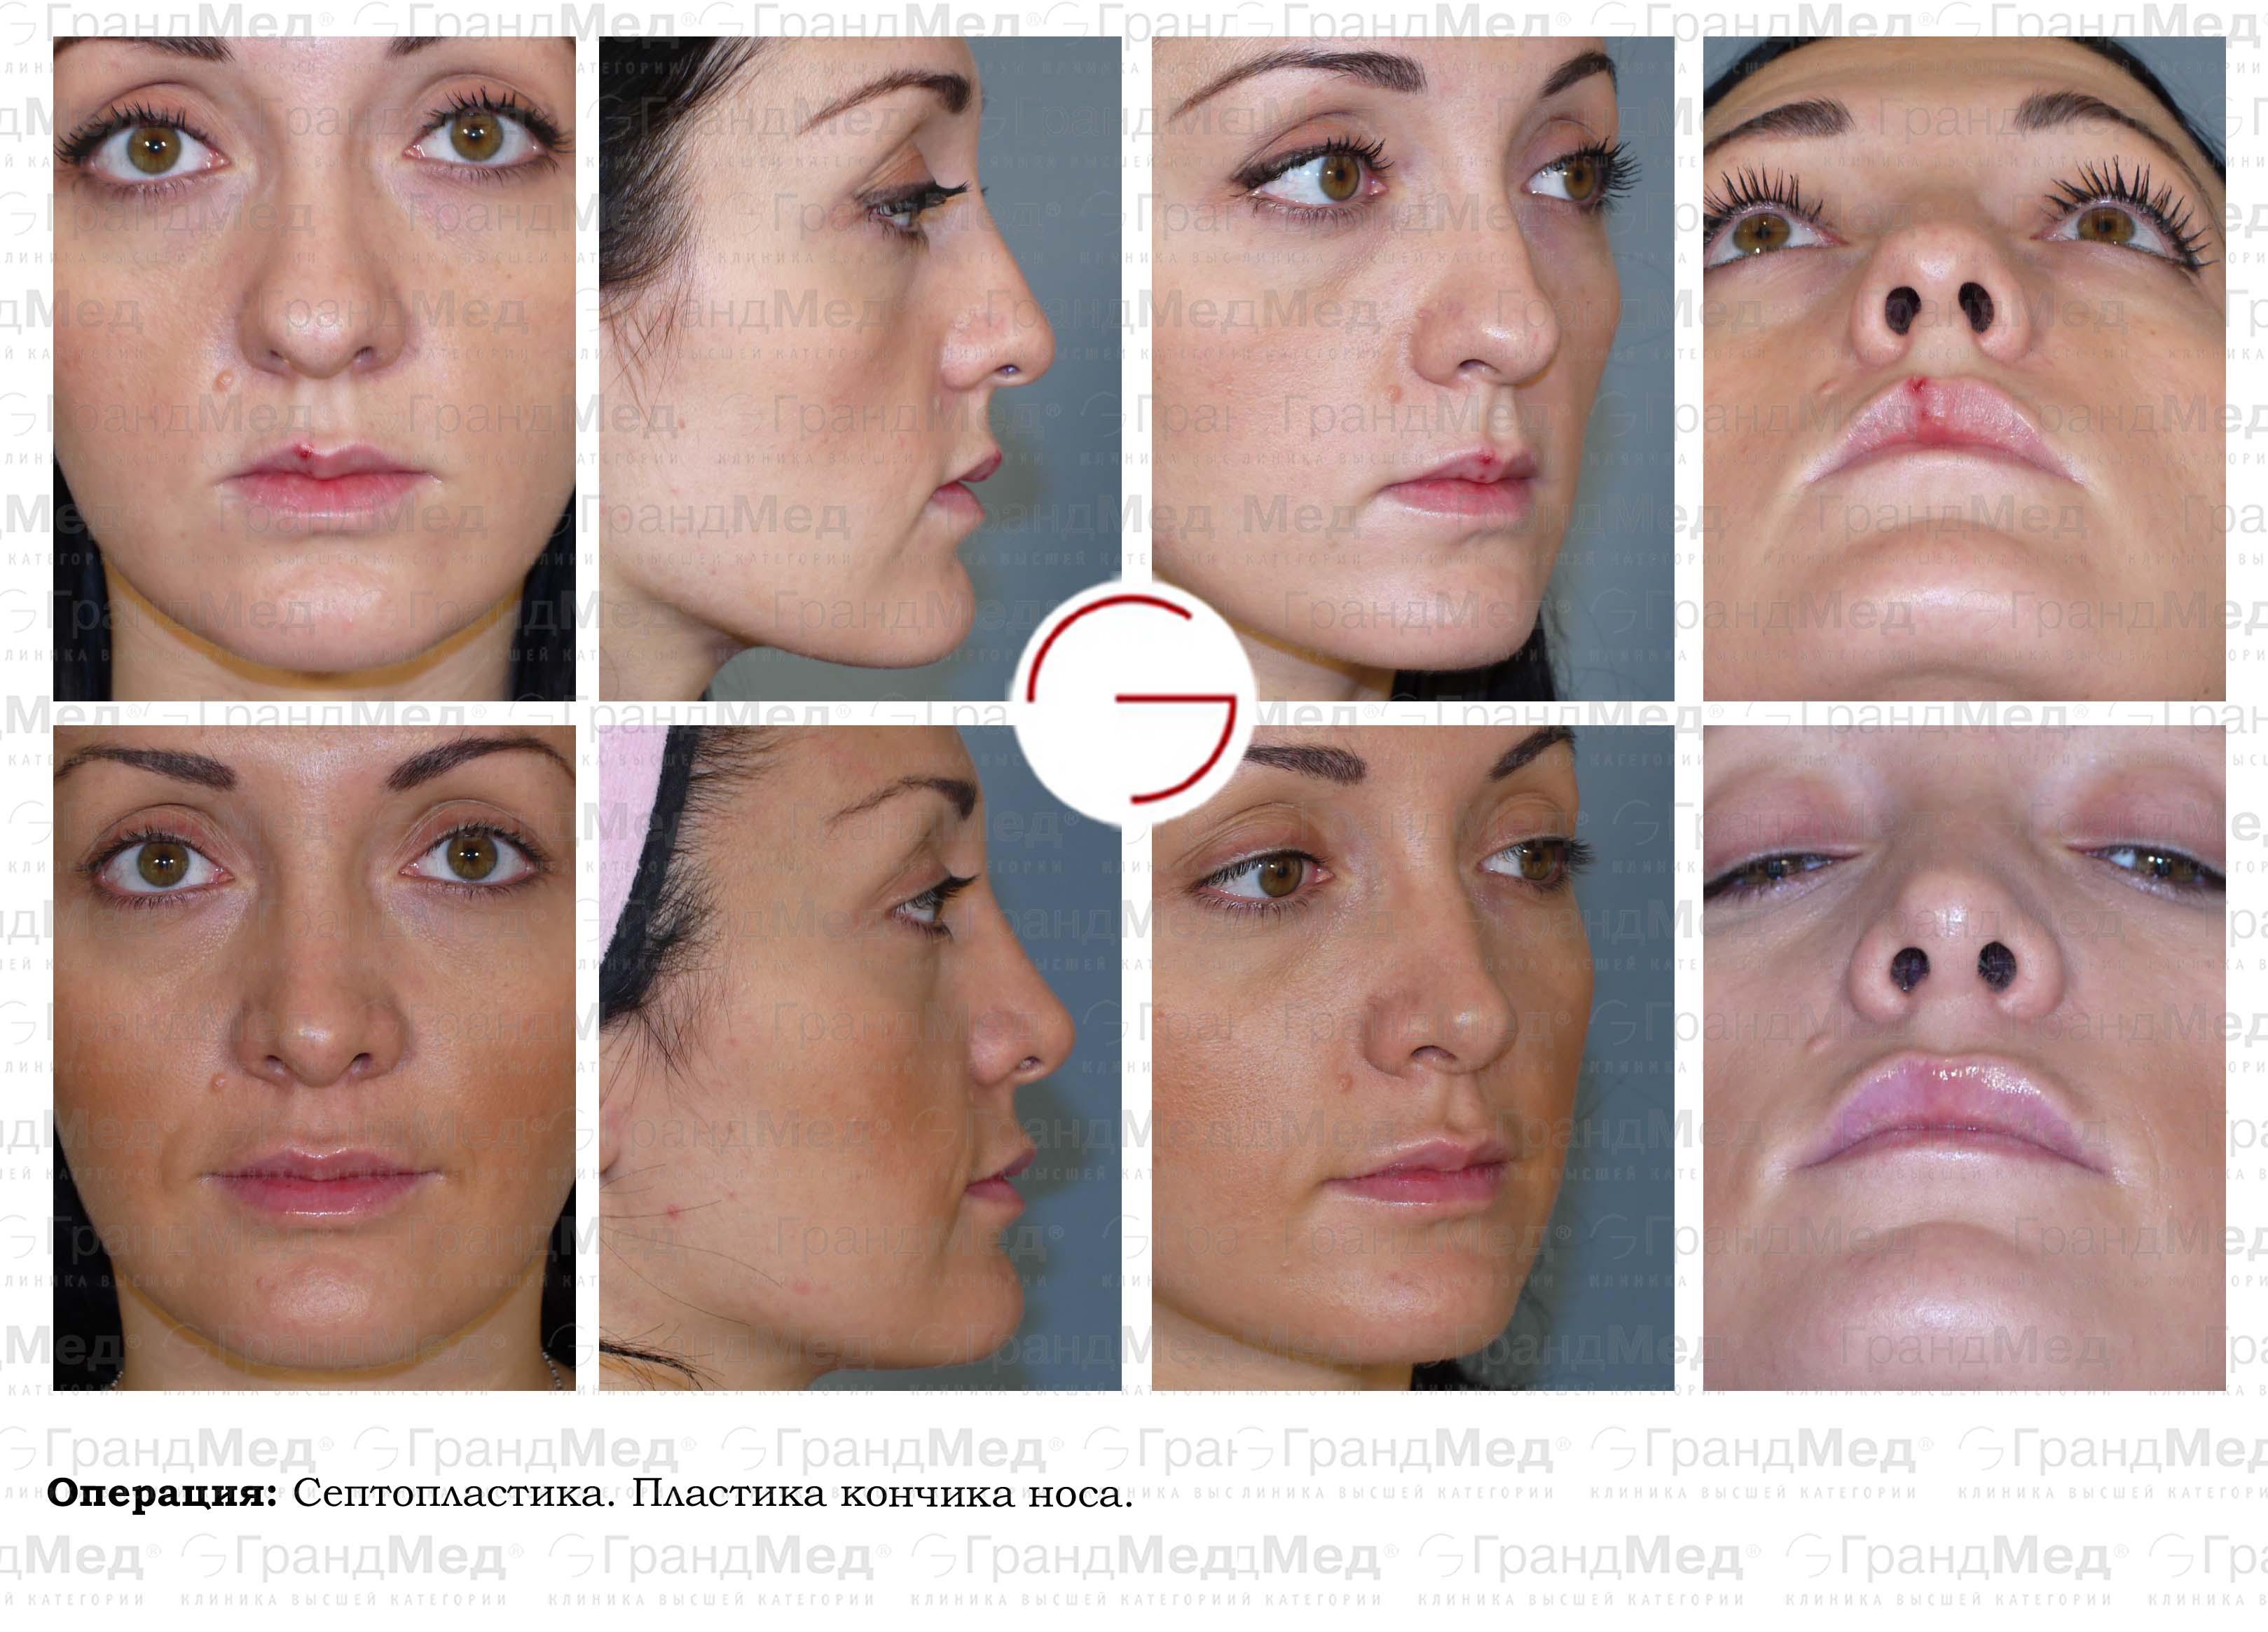 Как уменьшить нос без операции фото